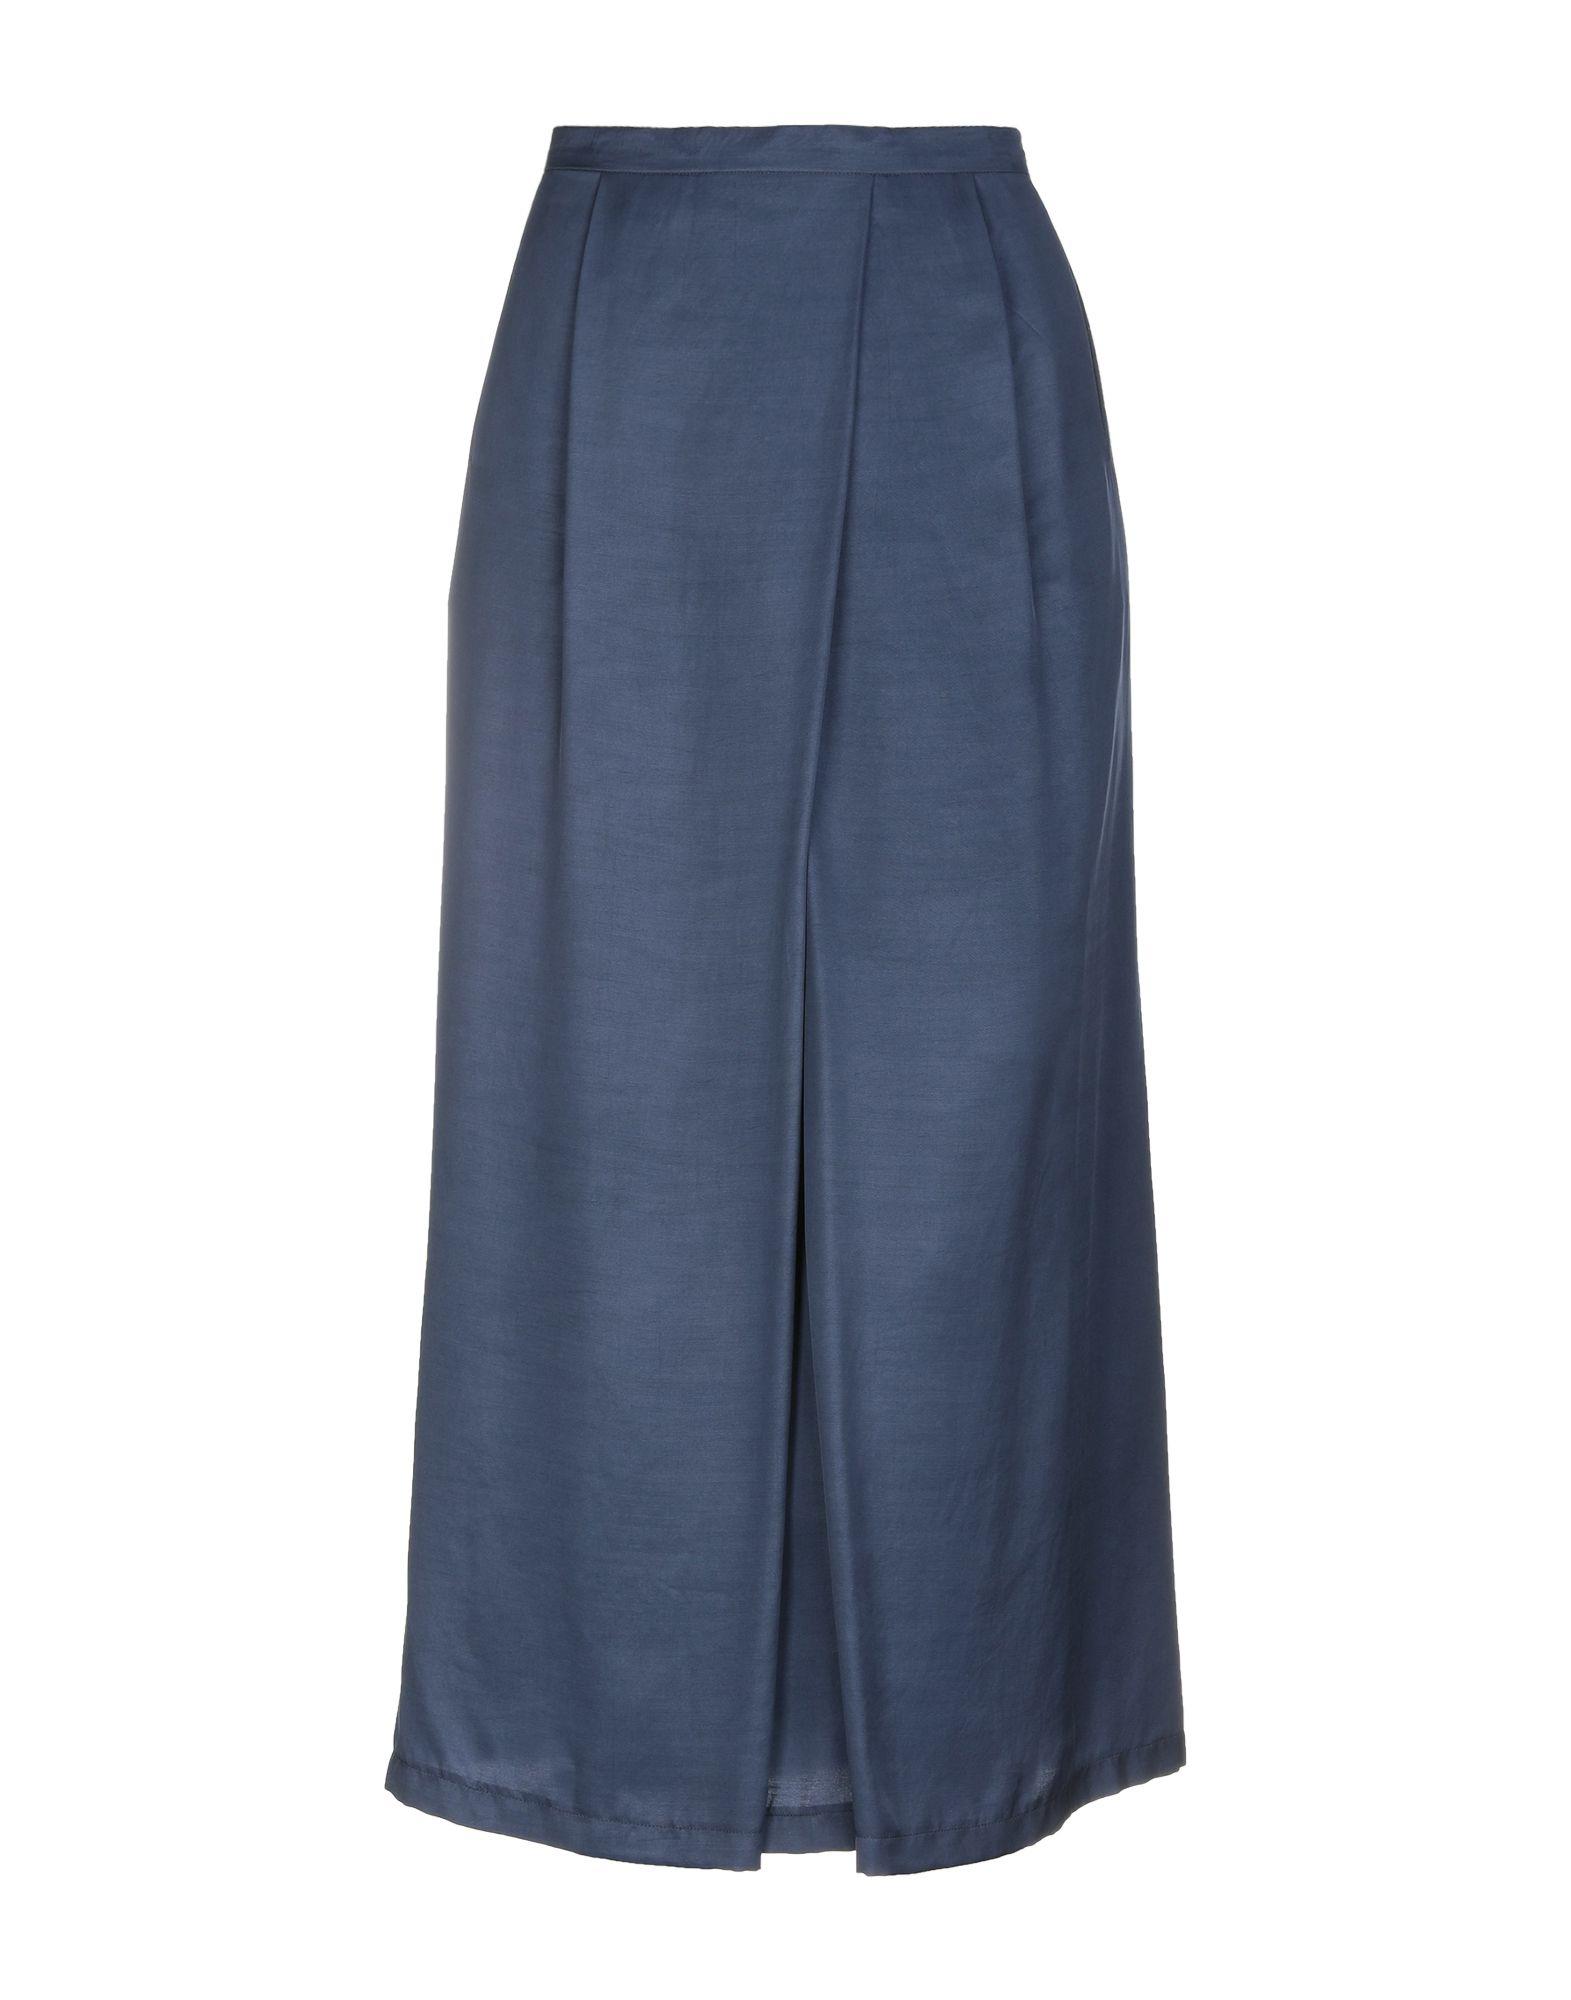 《送料無料》DIANA GALLESI レディース 7分丈スカート ダークブルー 46 キュプラ 100%